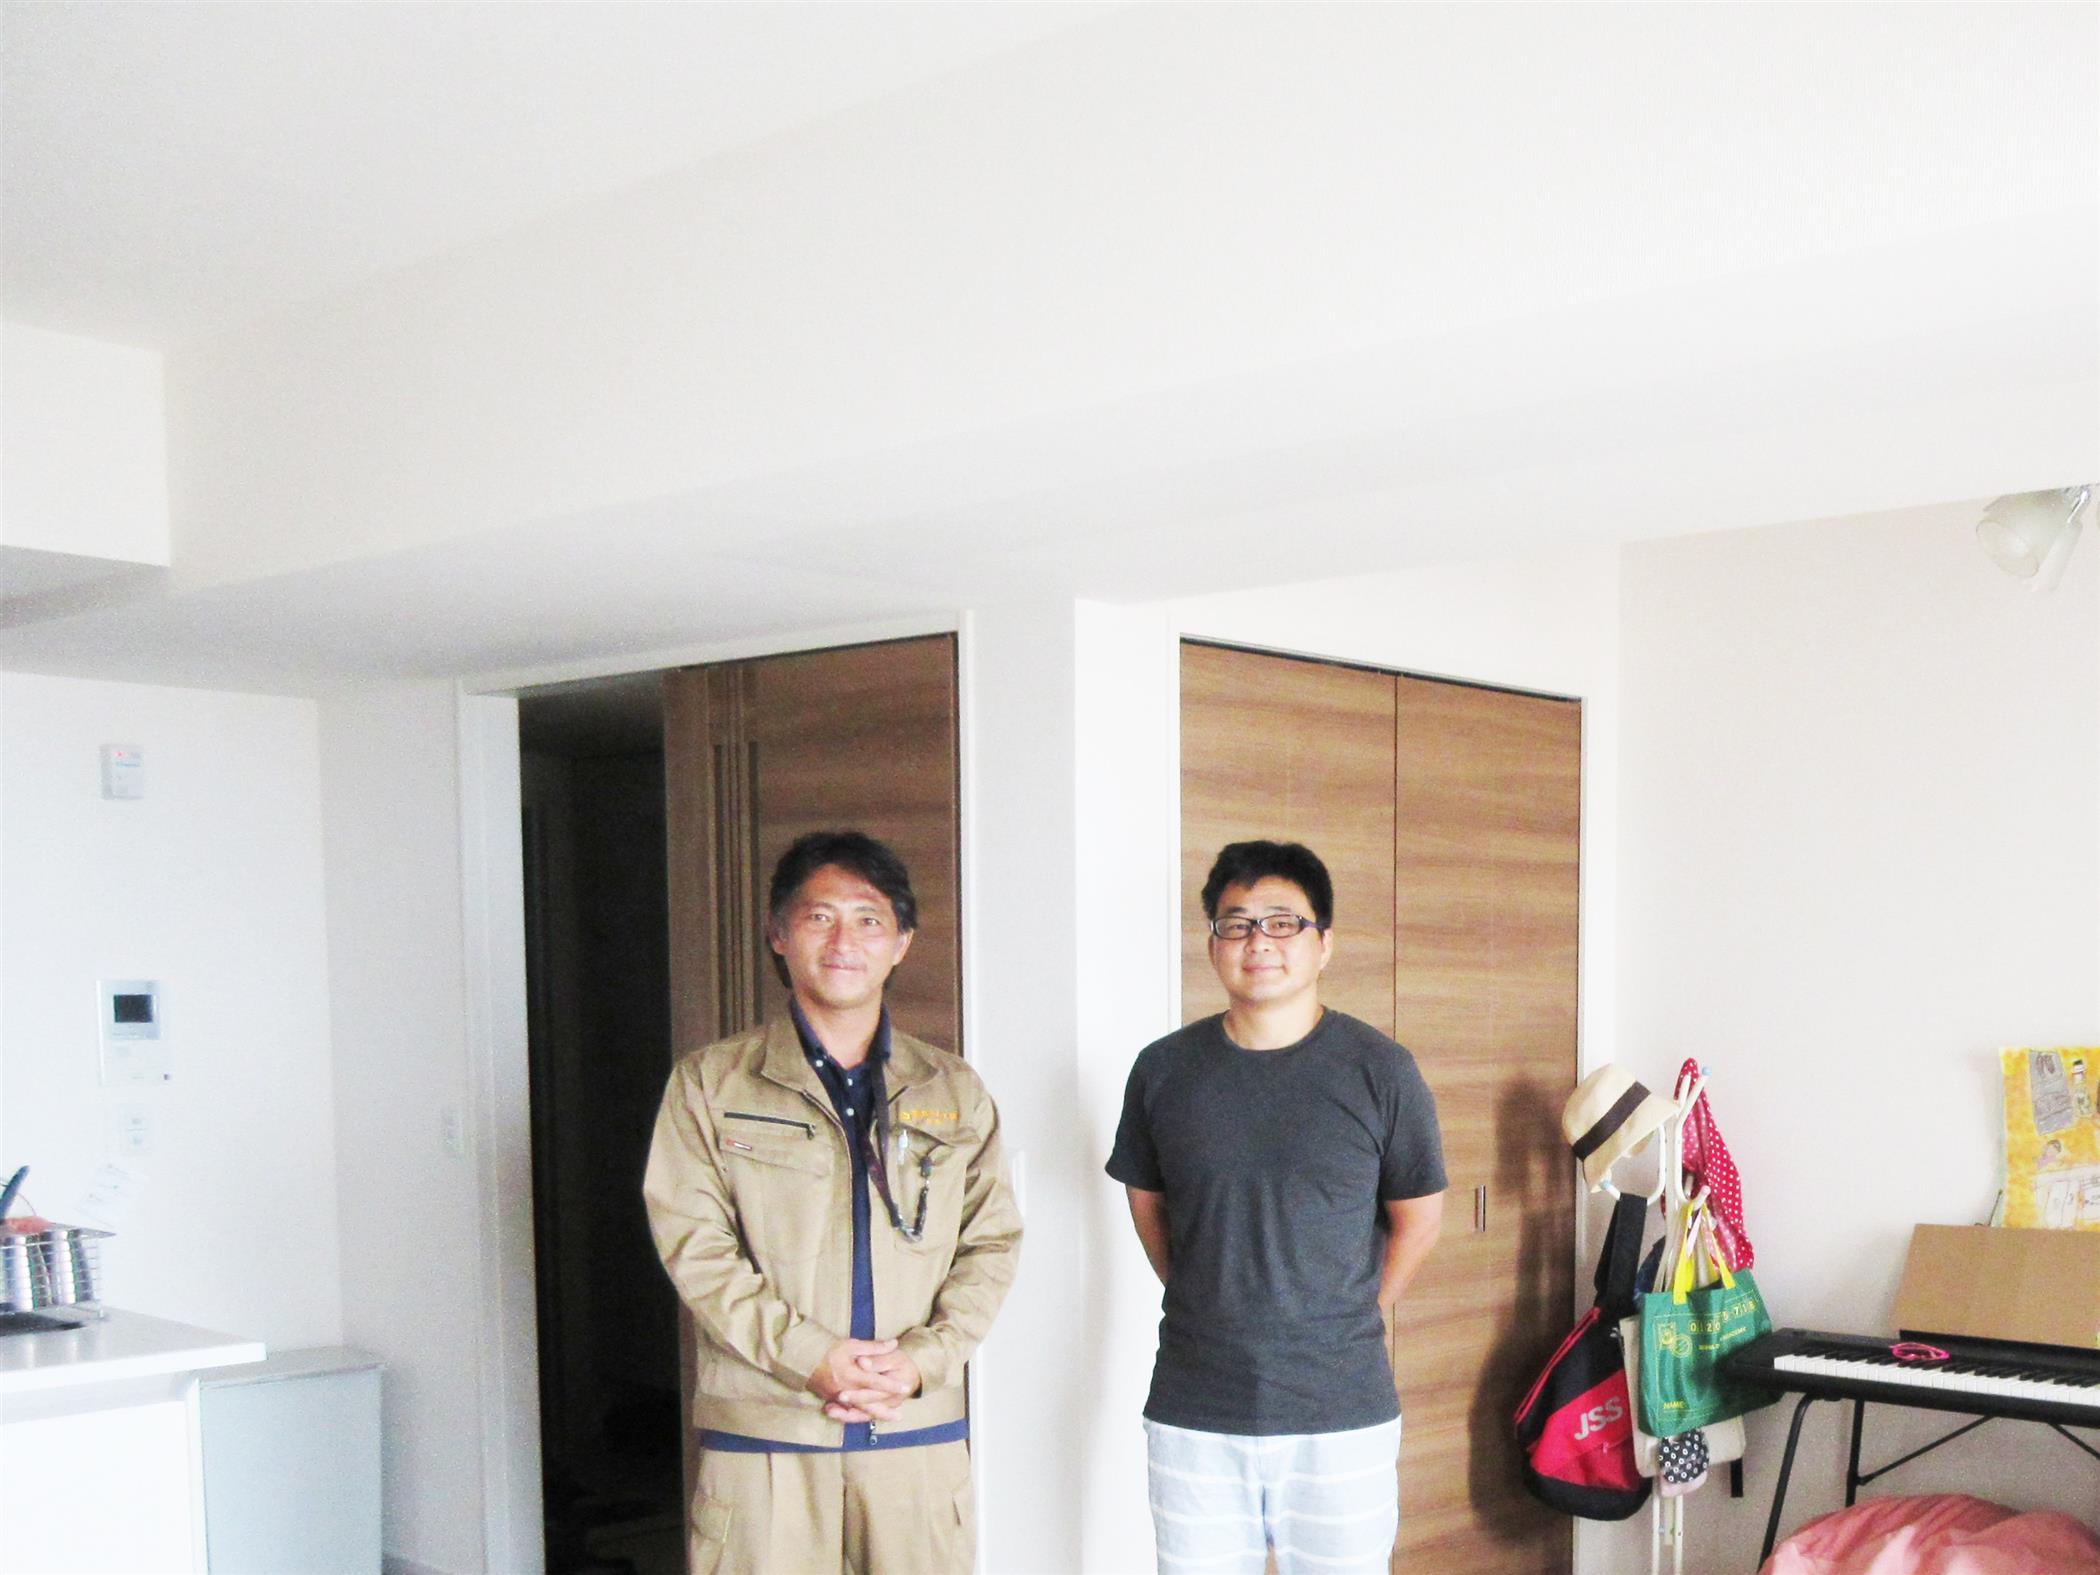 沖縄・那覇のリフォーム 実際のお客様の写真:HPを見て、この会社であれば任せてみたいと考えました。